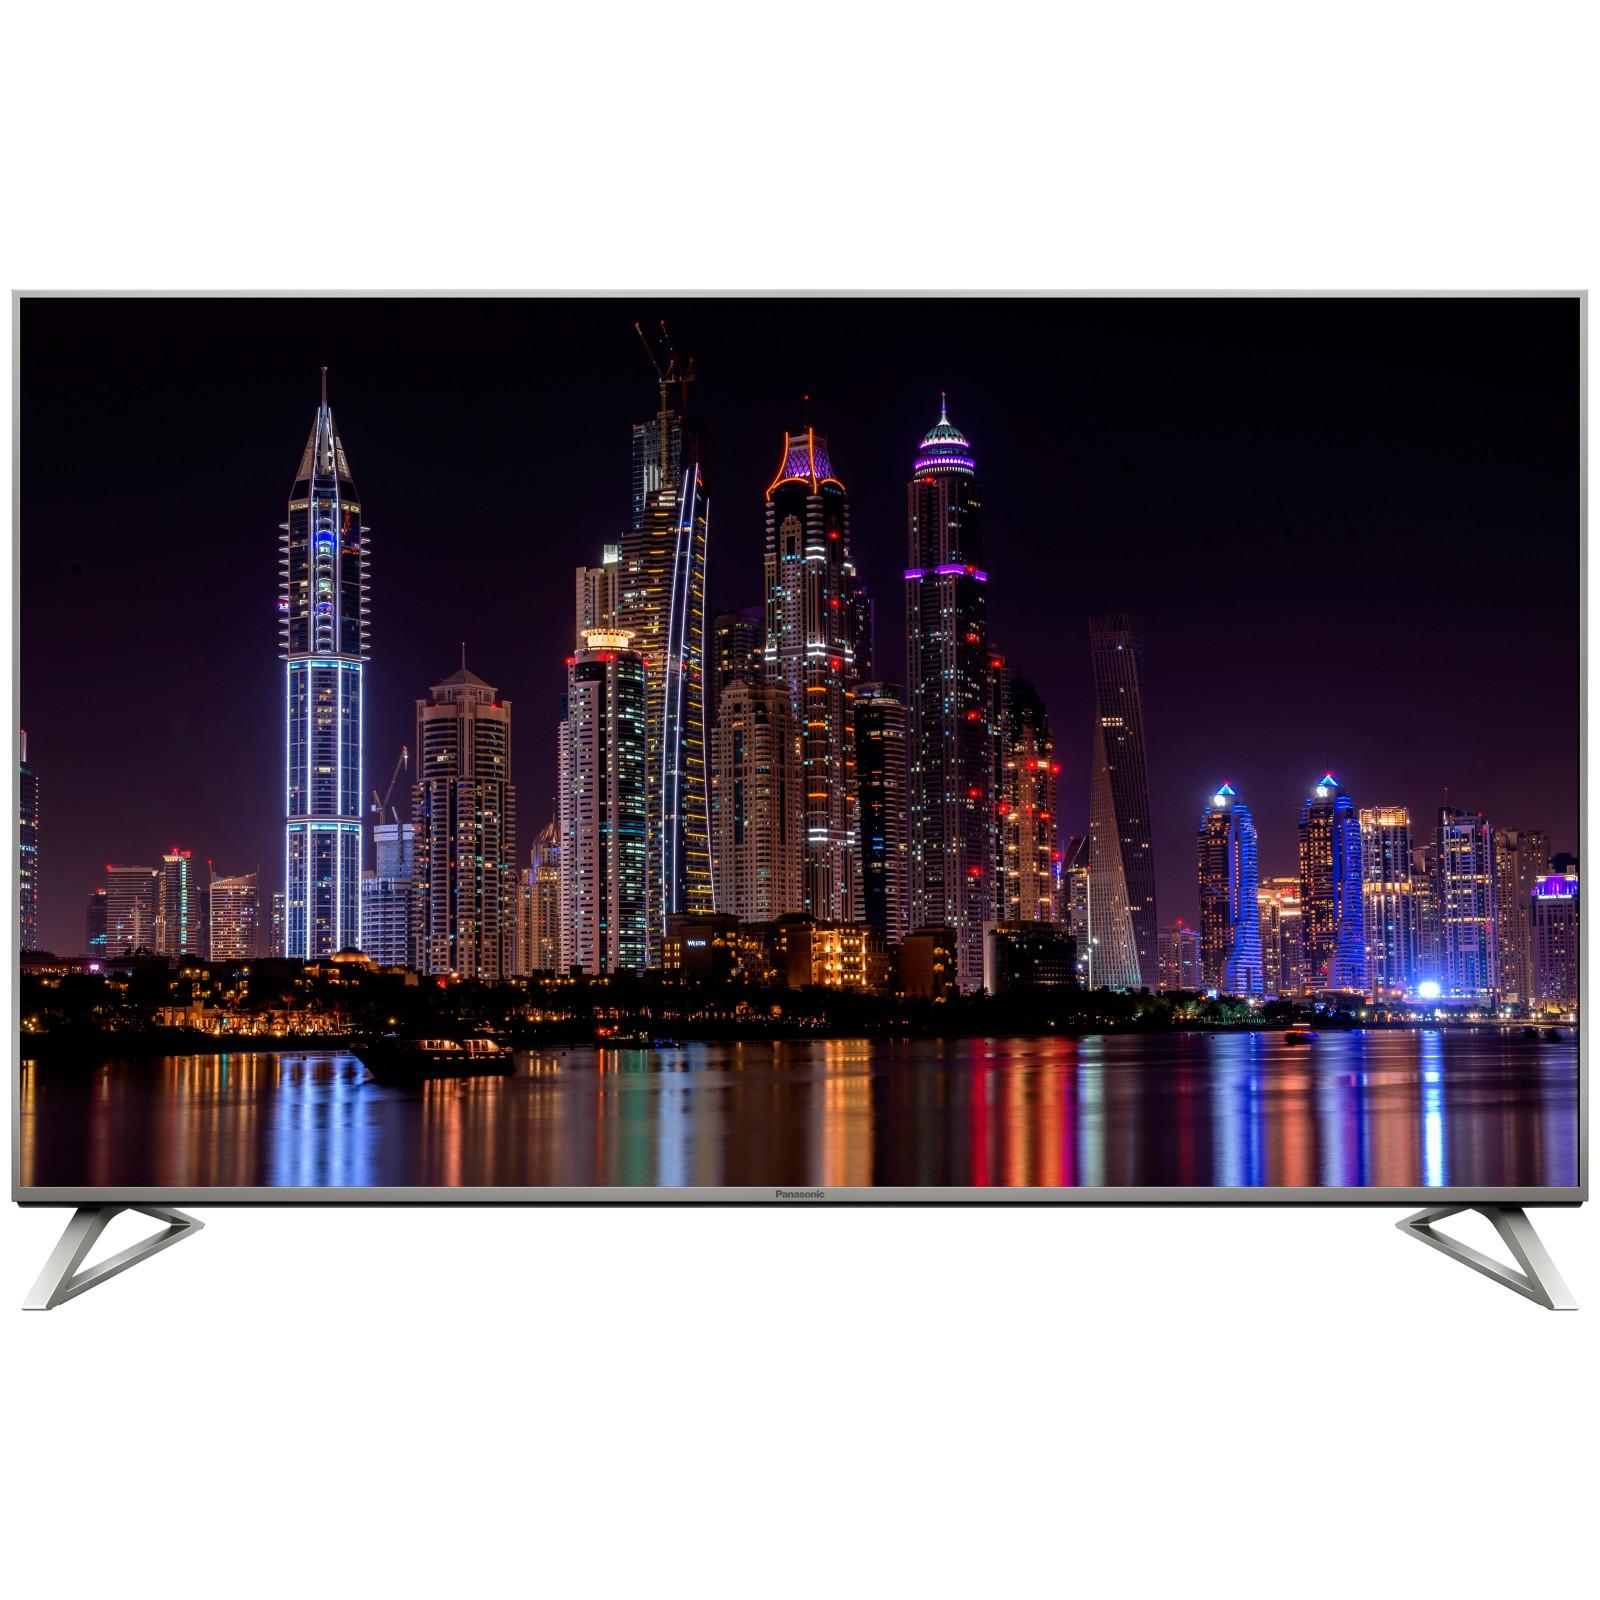 Panasonic Viera 50DX700B LED HDR 4K Ultra HD Smart TV